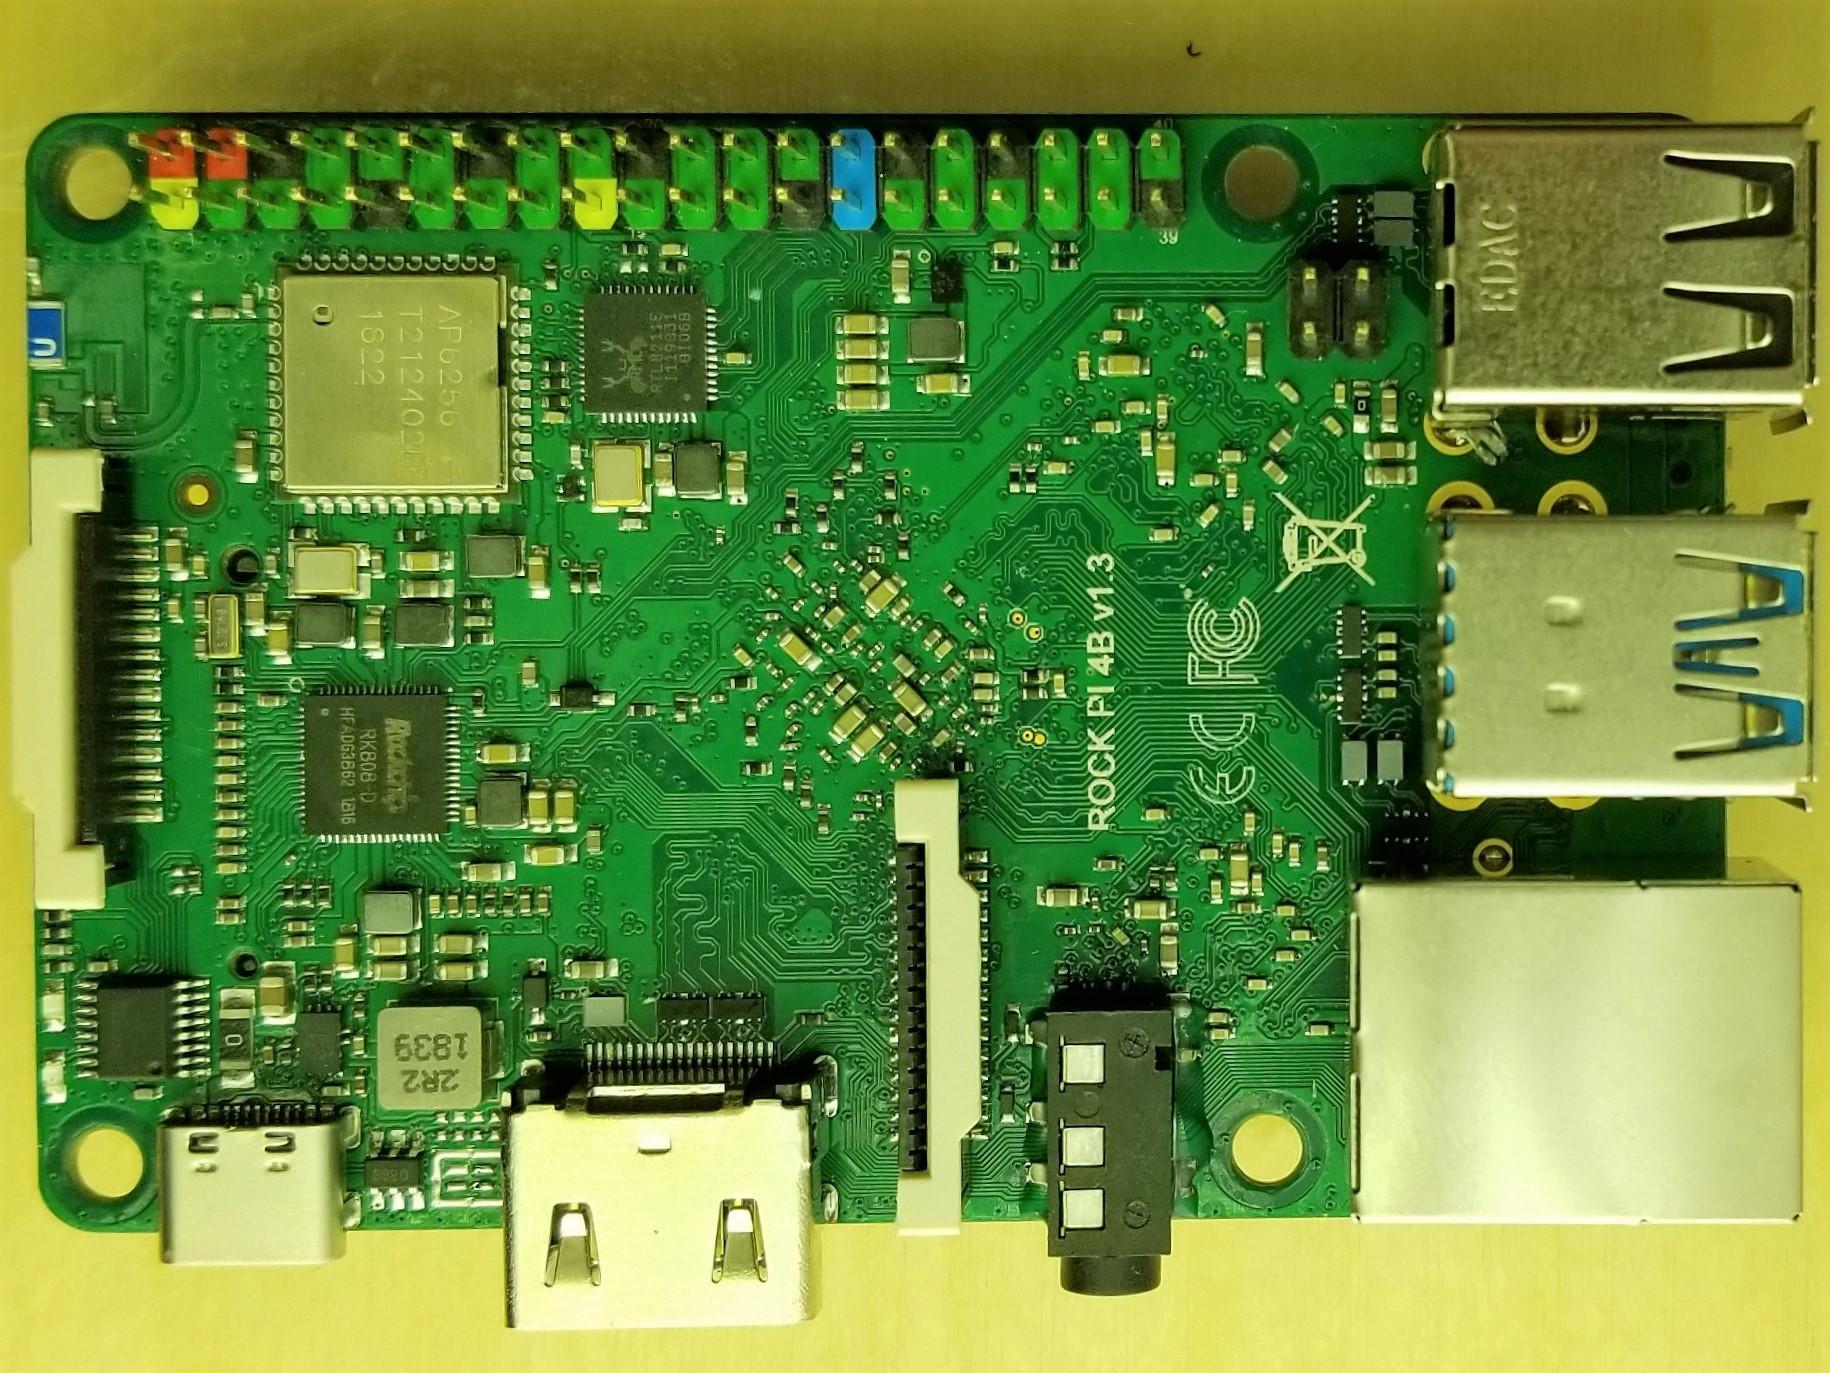 Radxa Rock Pi 4 Review - Part 1: A First Look at RockPi 4B